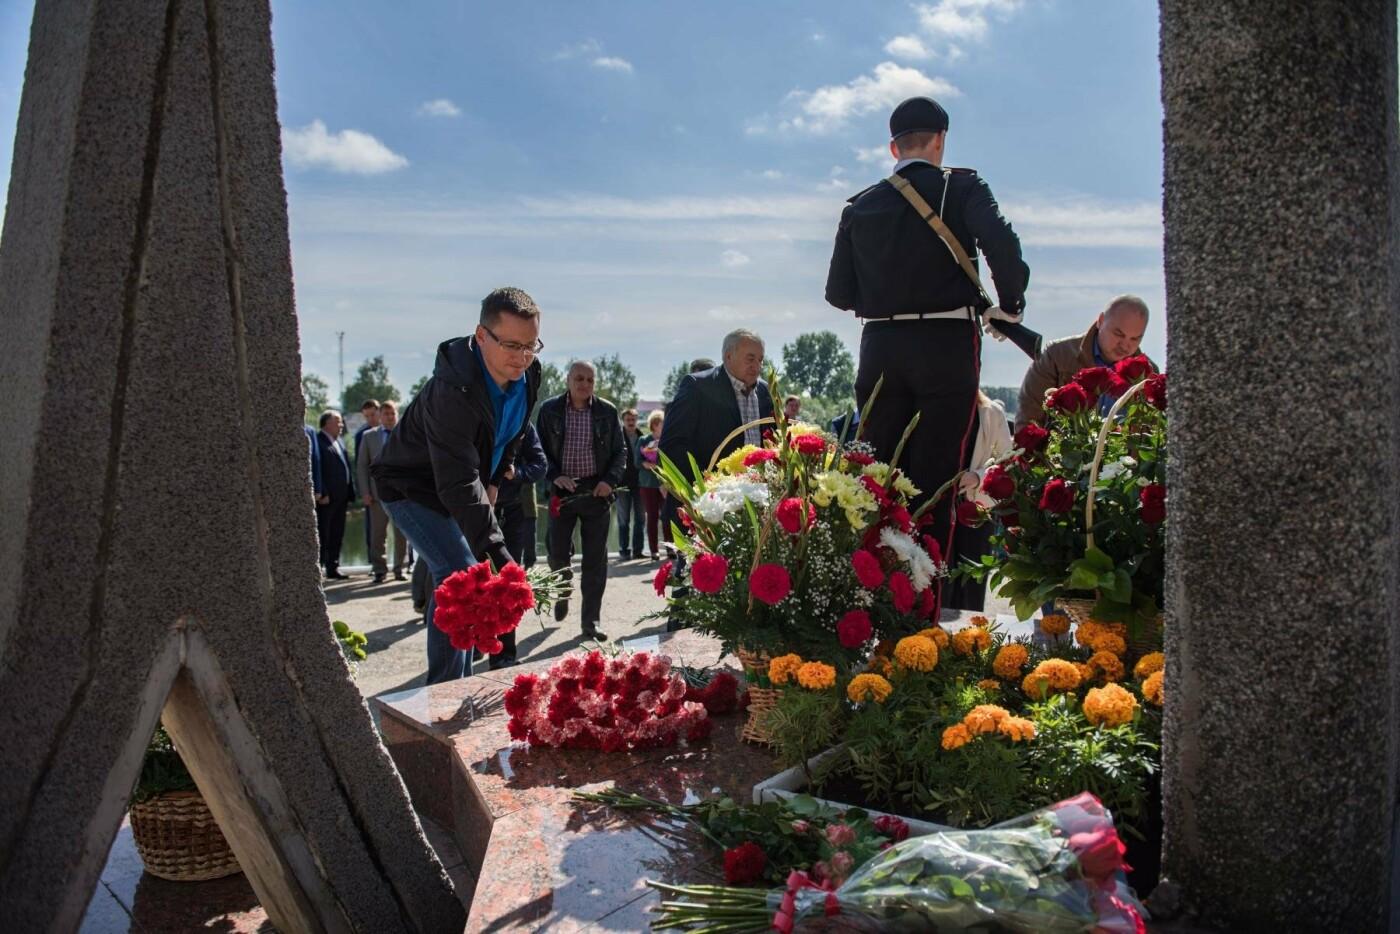 В Ухте вспоминали основателей города, фото-10, Фото предоставлено пресс-службой АМОГО «Ухта»